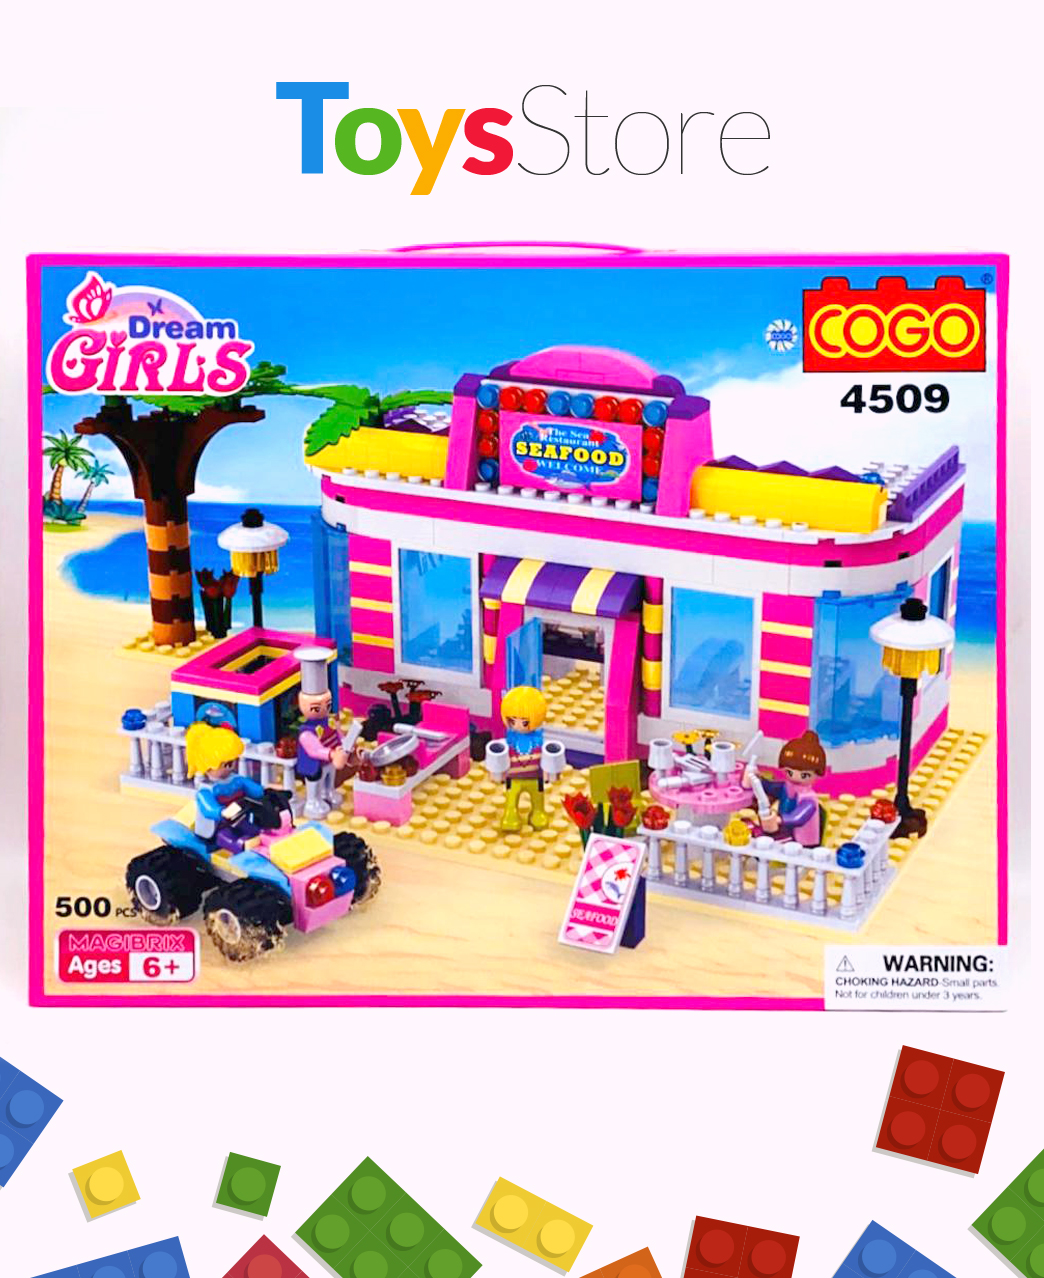 Jeux de construction briques model restaurant pour filles 500 Pcs - Cogo